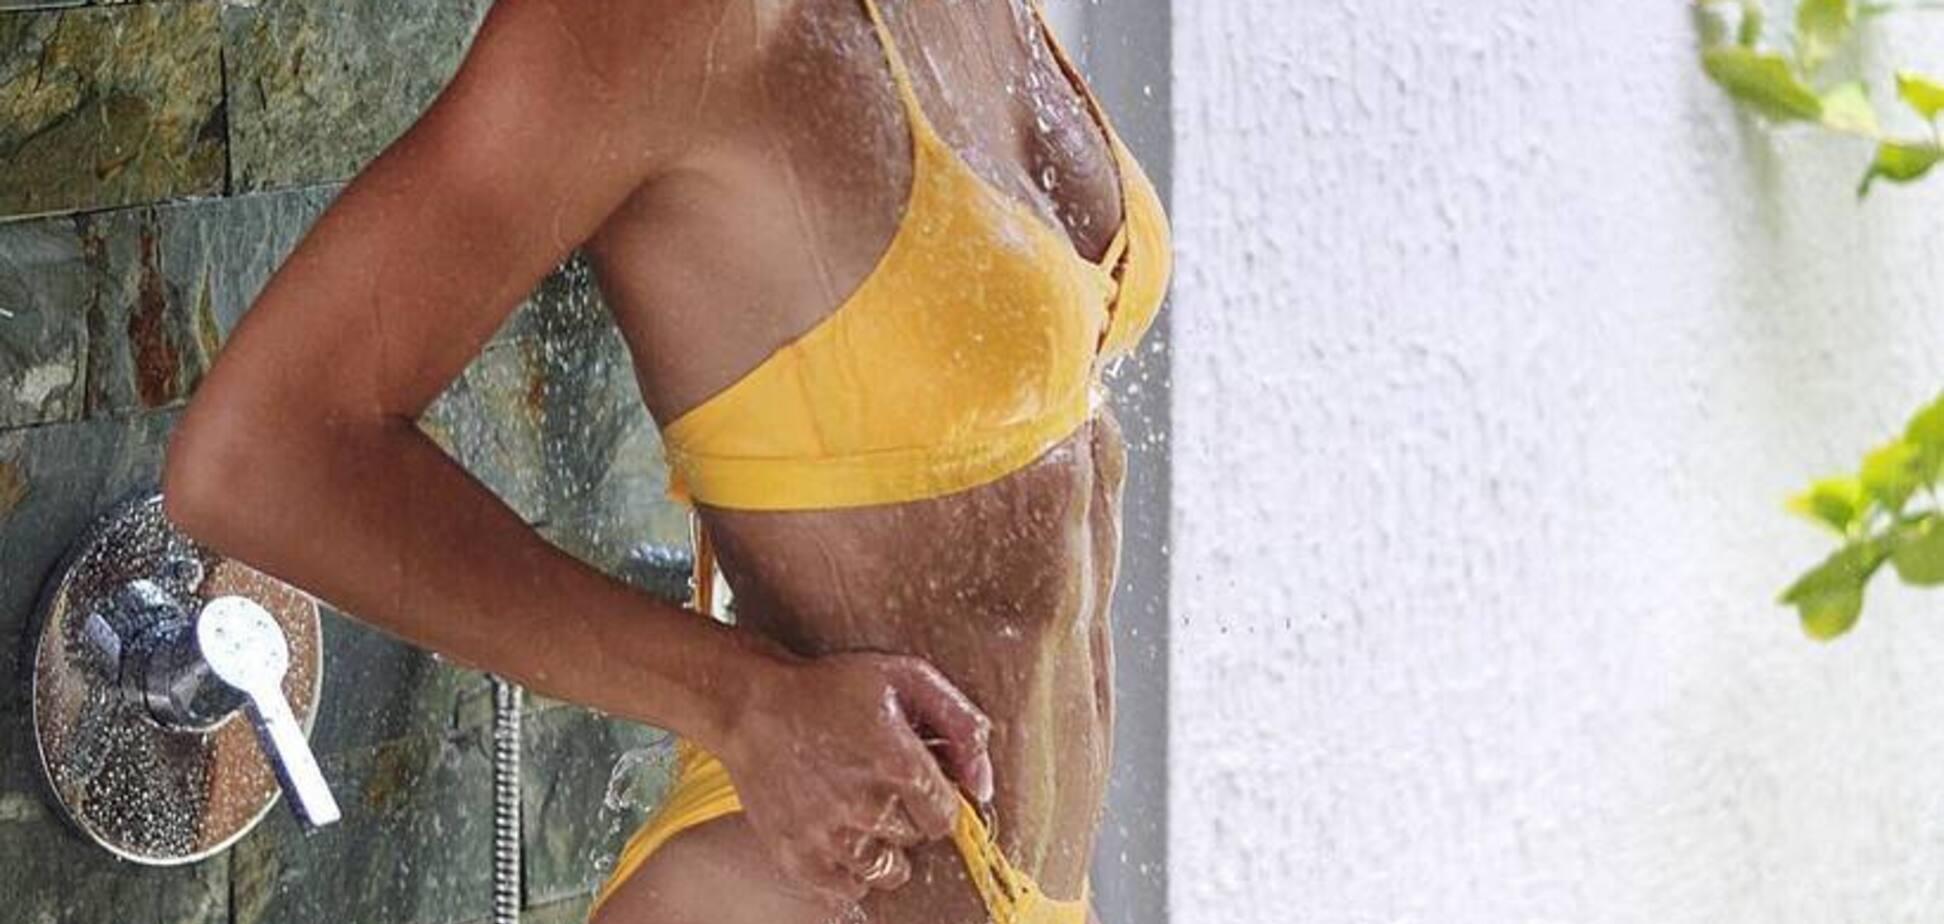 ''Ідеальна дівчина'': українська атлетка захопила мережу фото в купальнику